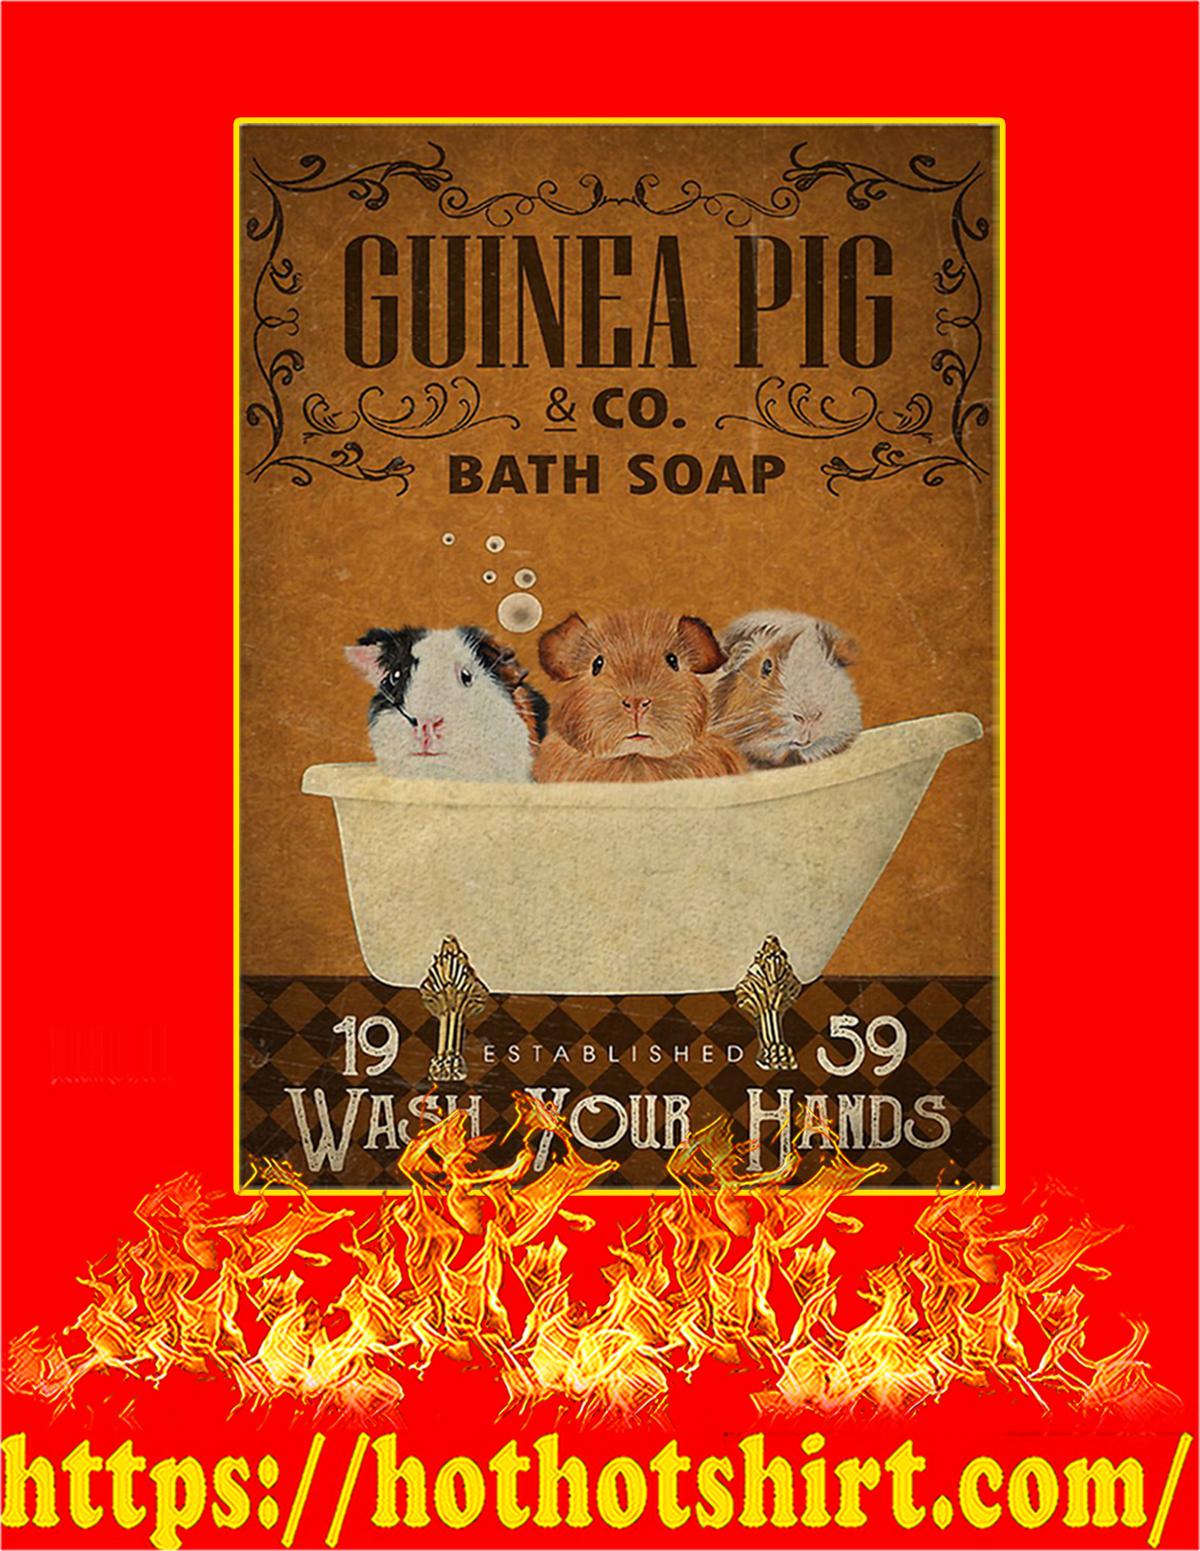 Guinea pig bath soap poster - A4